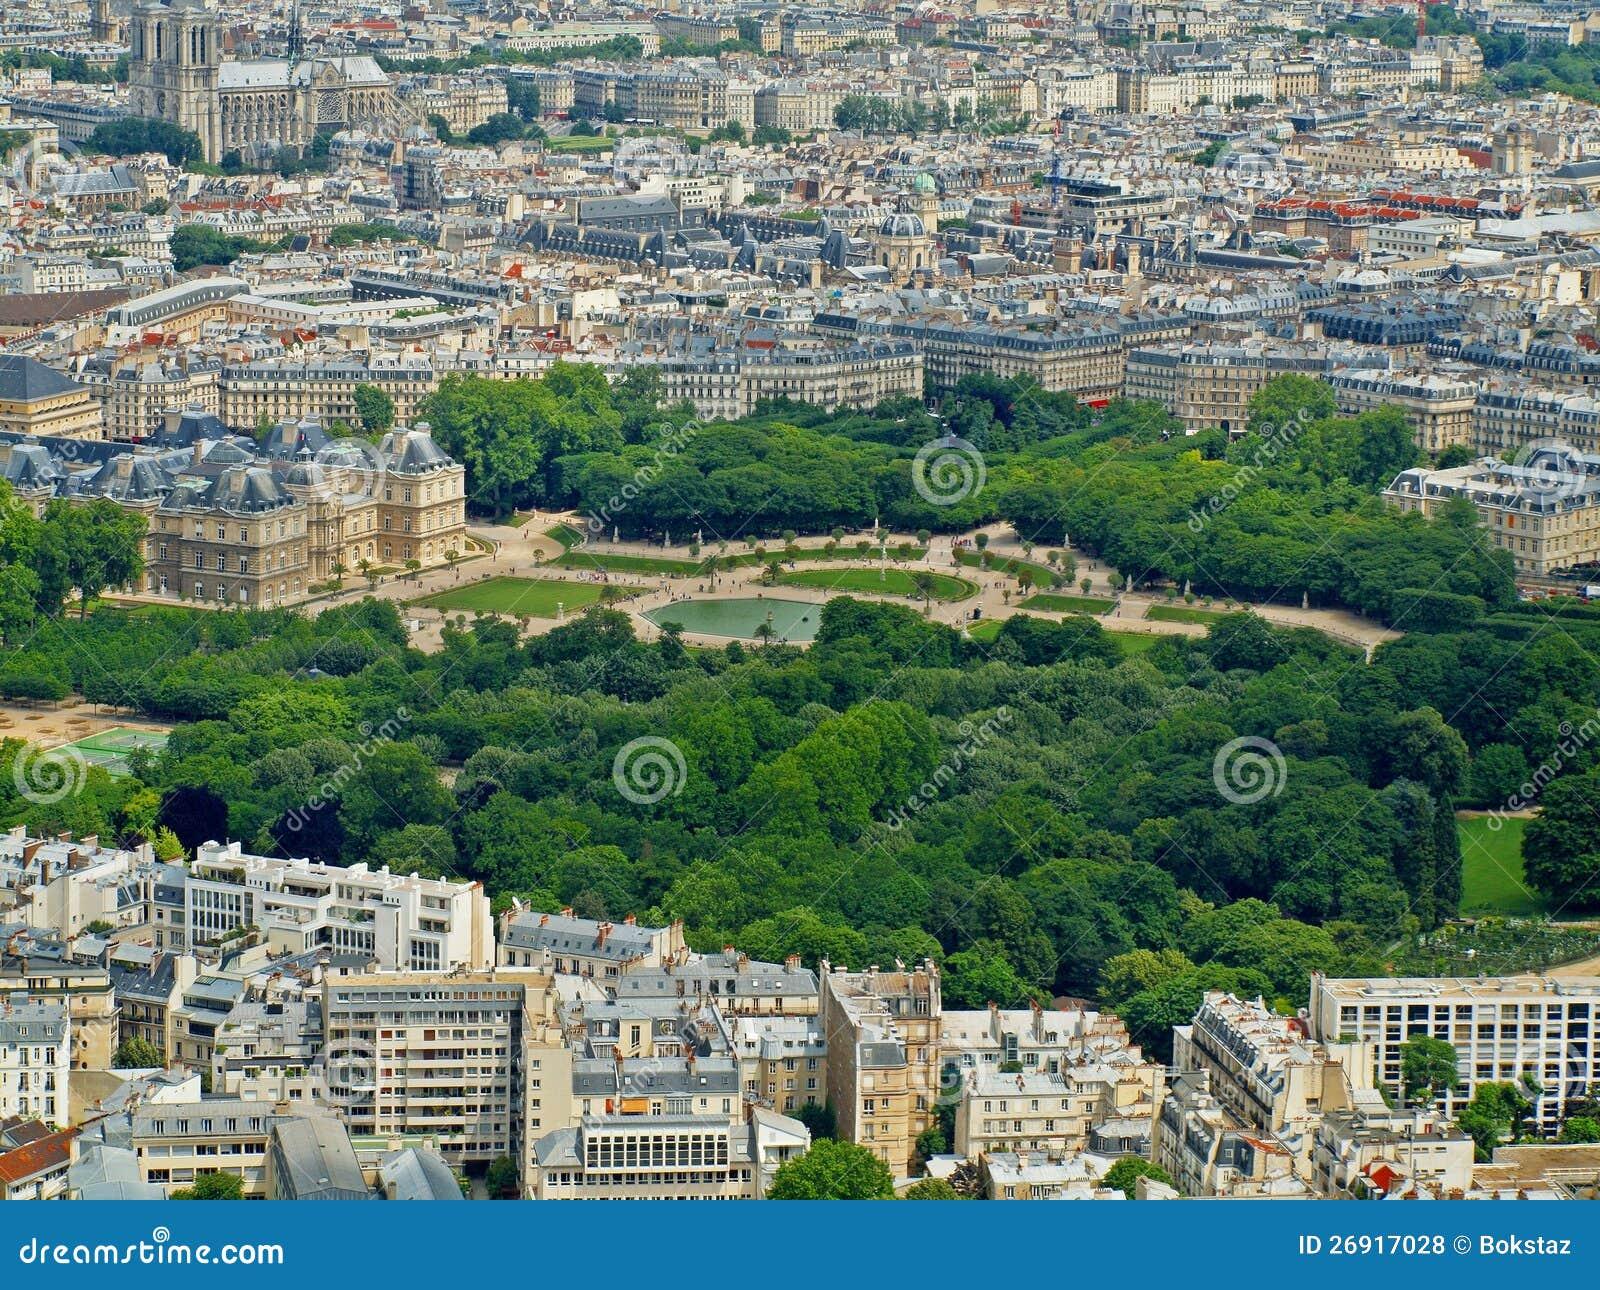 Stationnement paris palais de jardin du luxembourg - Station metro jardin du luxembourg ...